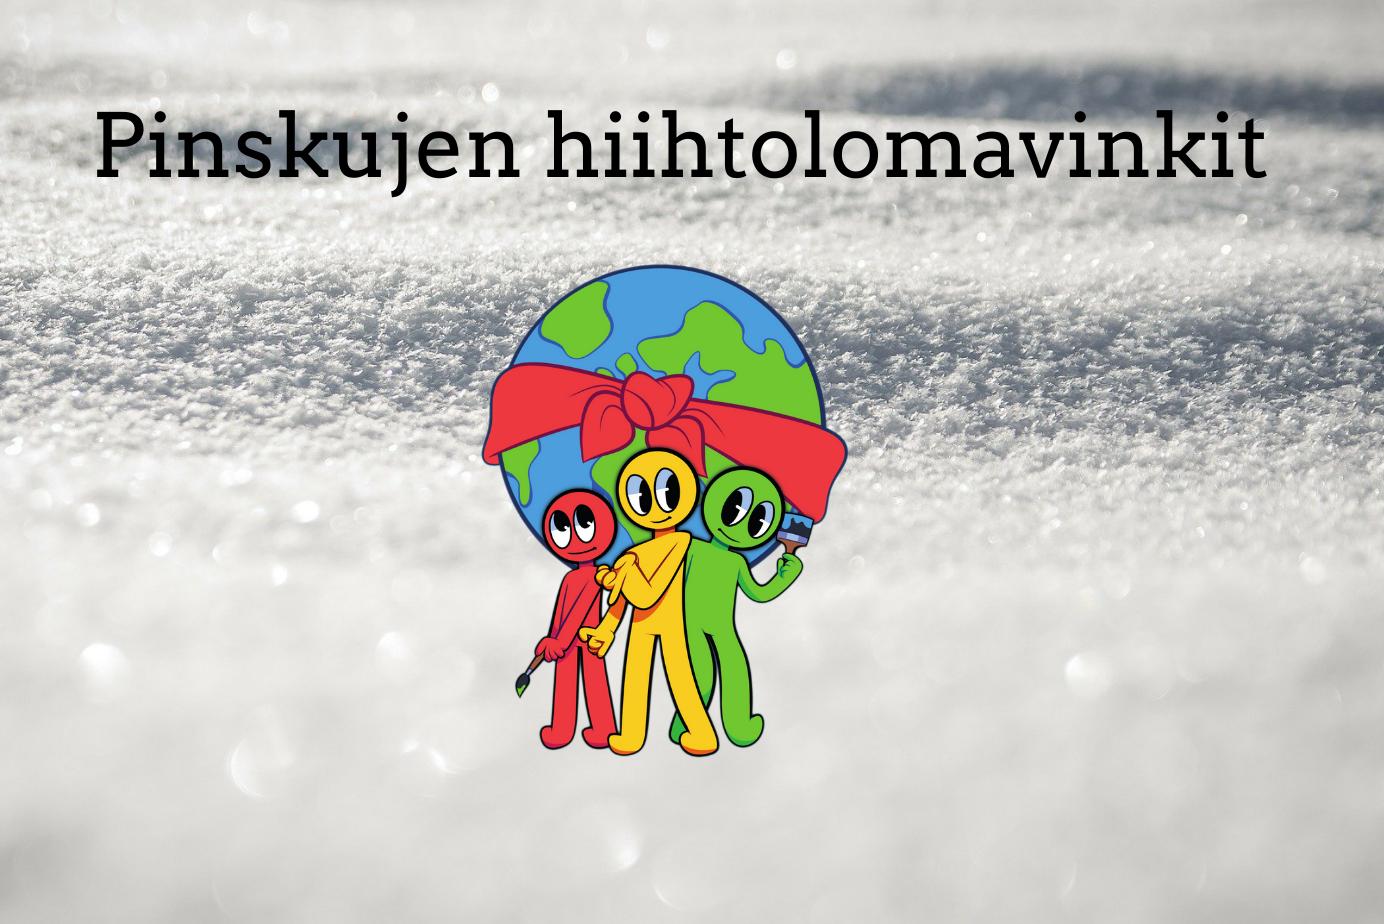 Piirretty punainen, keltainen ja vihreä hahmo seisovat piirretyn maapallon edessä. Taustalla on luminen maisema.